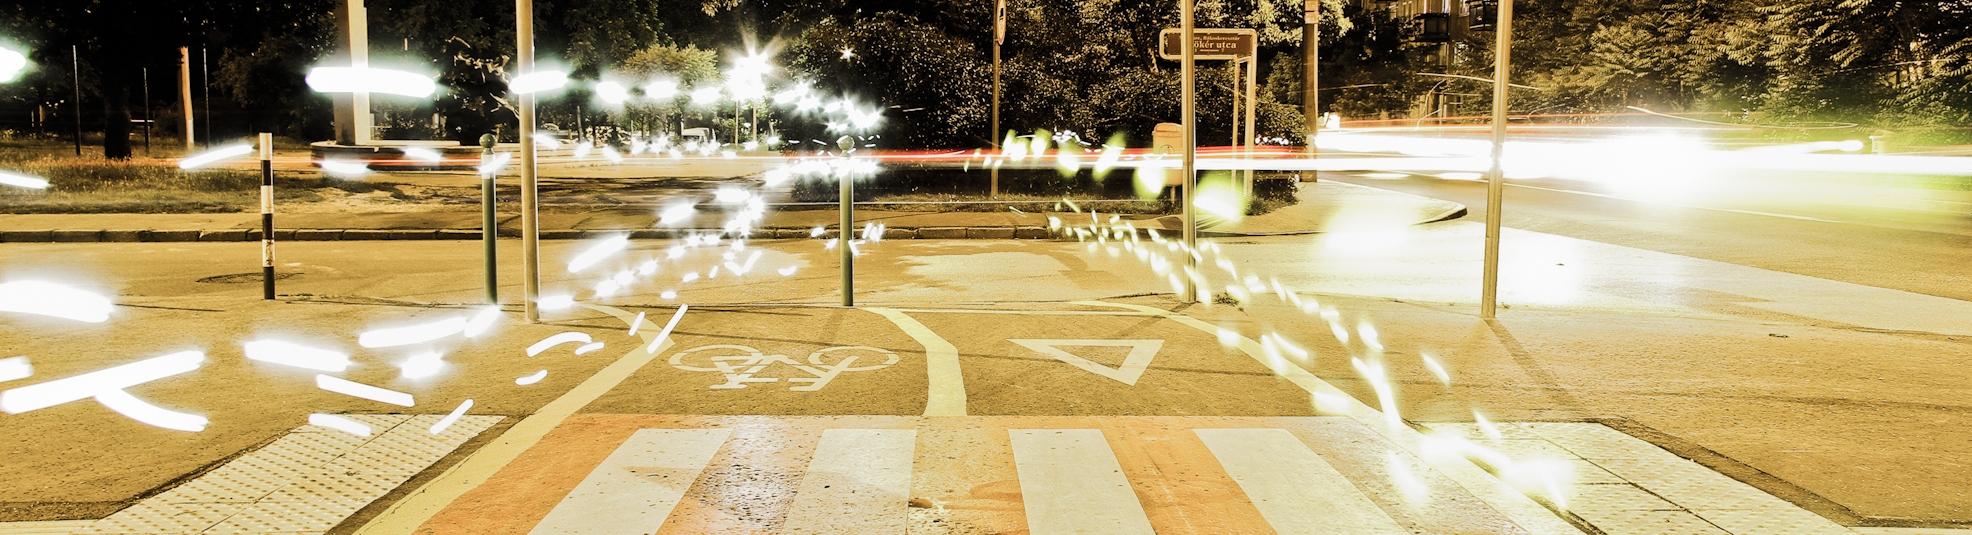 Védtelenek közlekedésbiztonsága